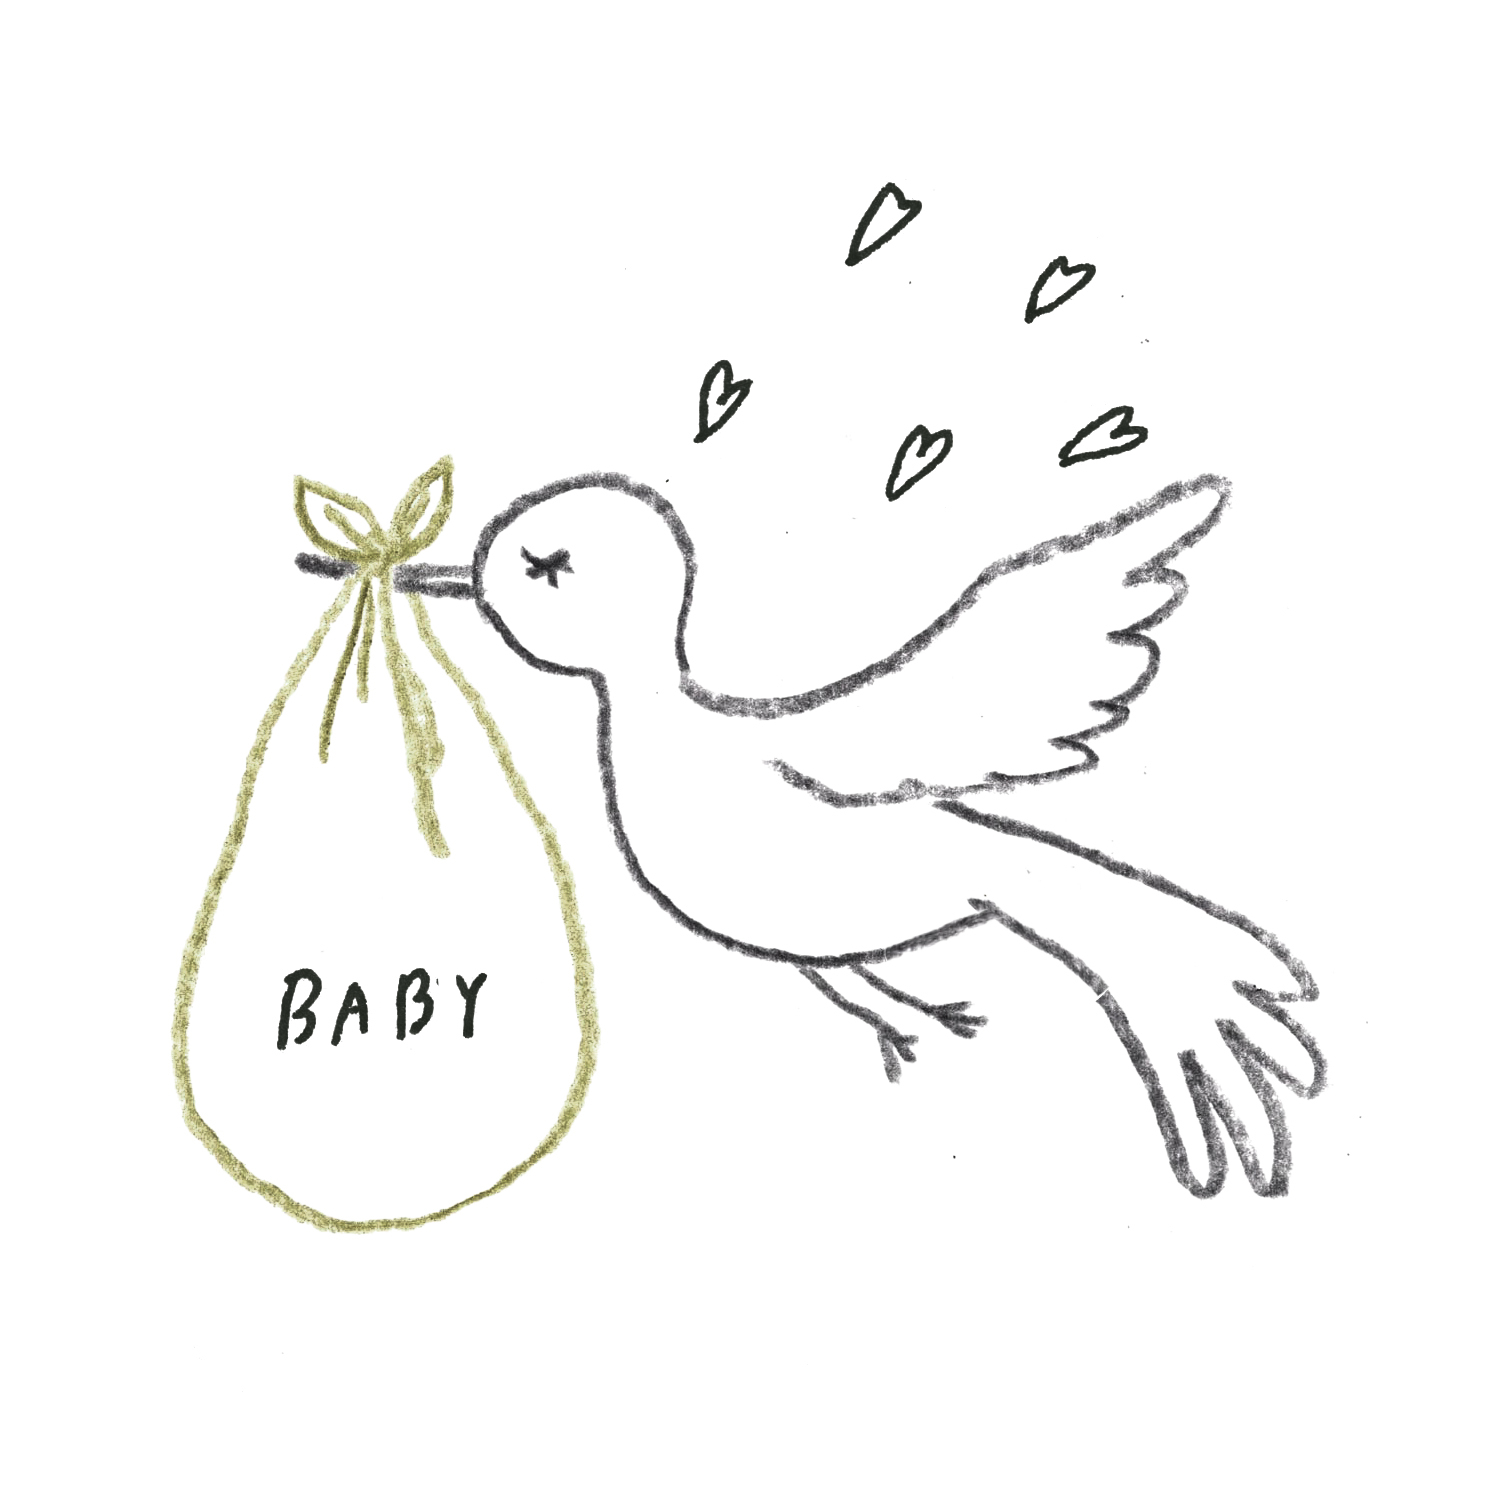 C:待望の赤ちゃんができた